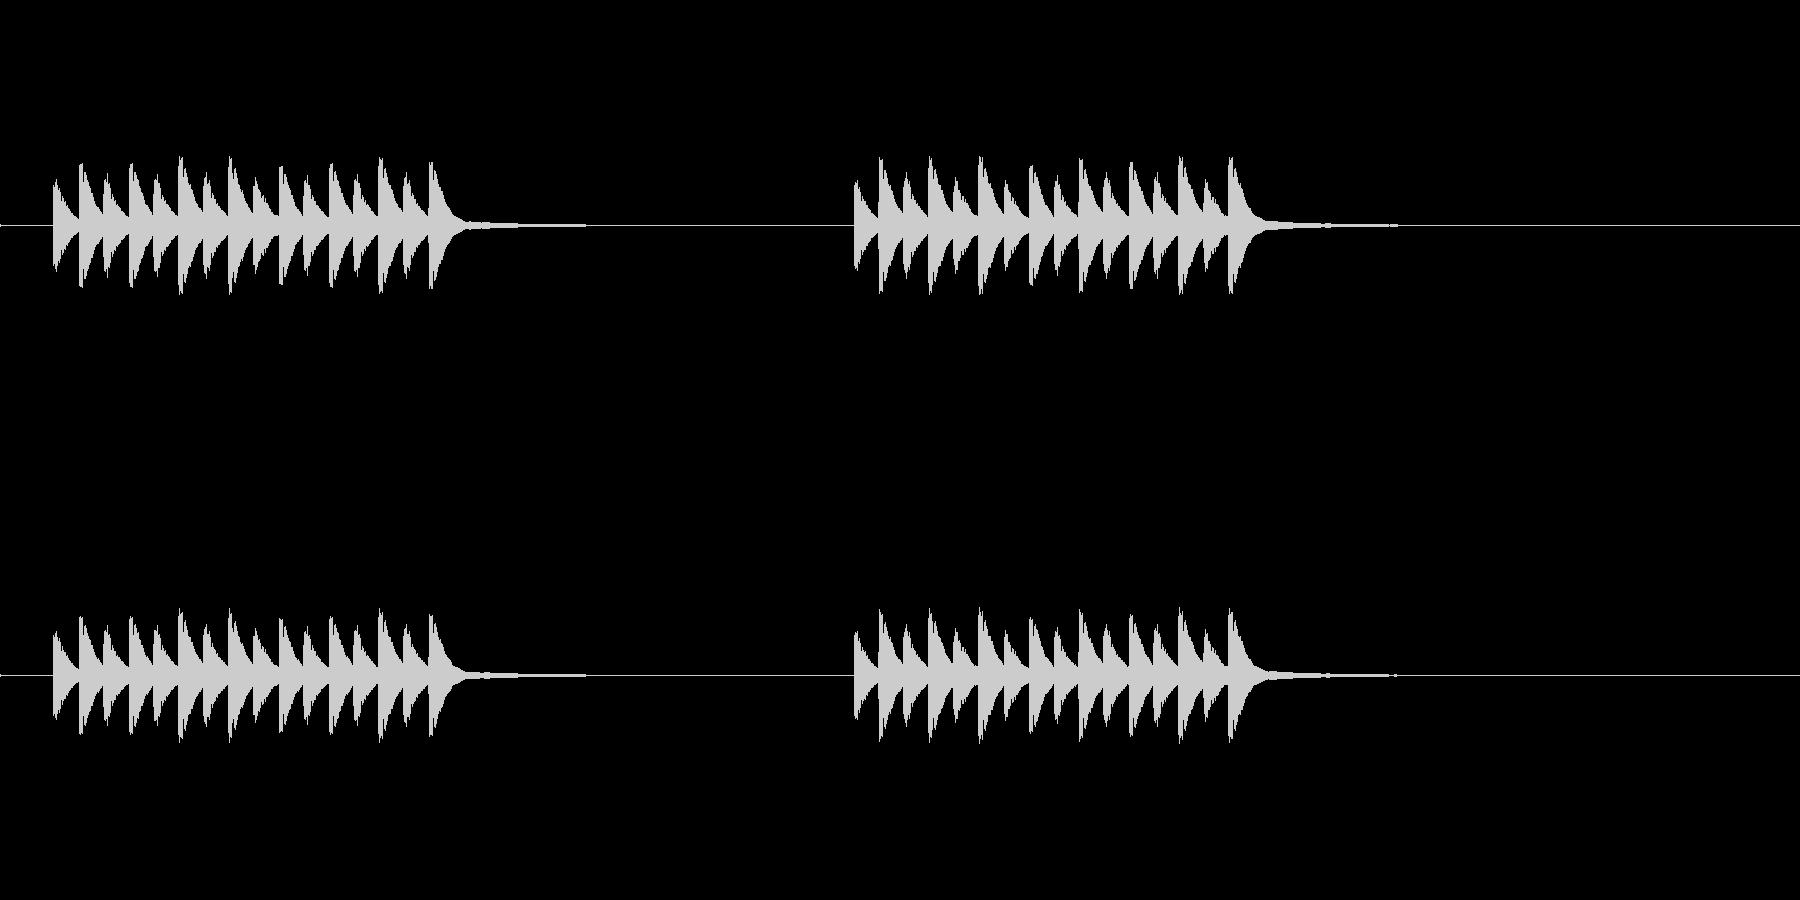 スマホ系コール音の未再生の波形